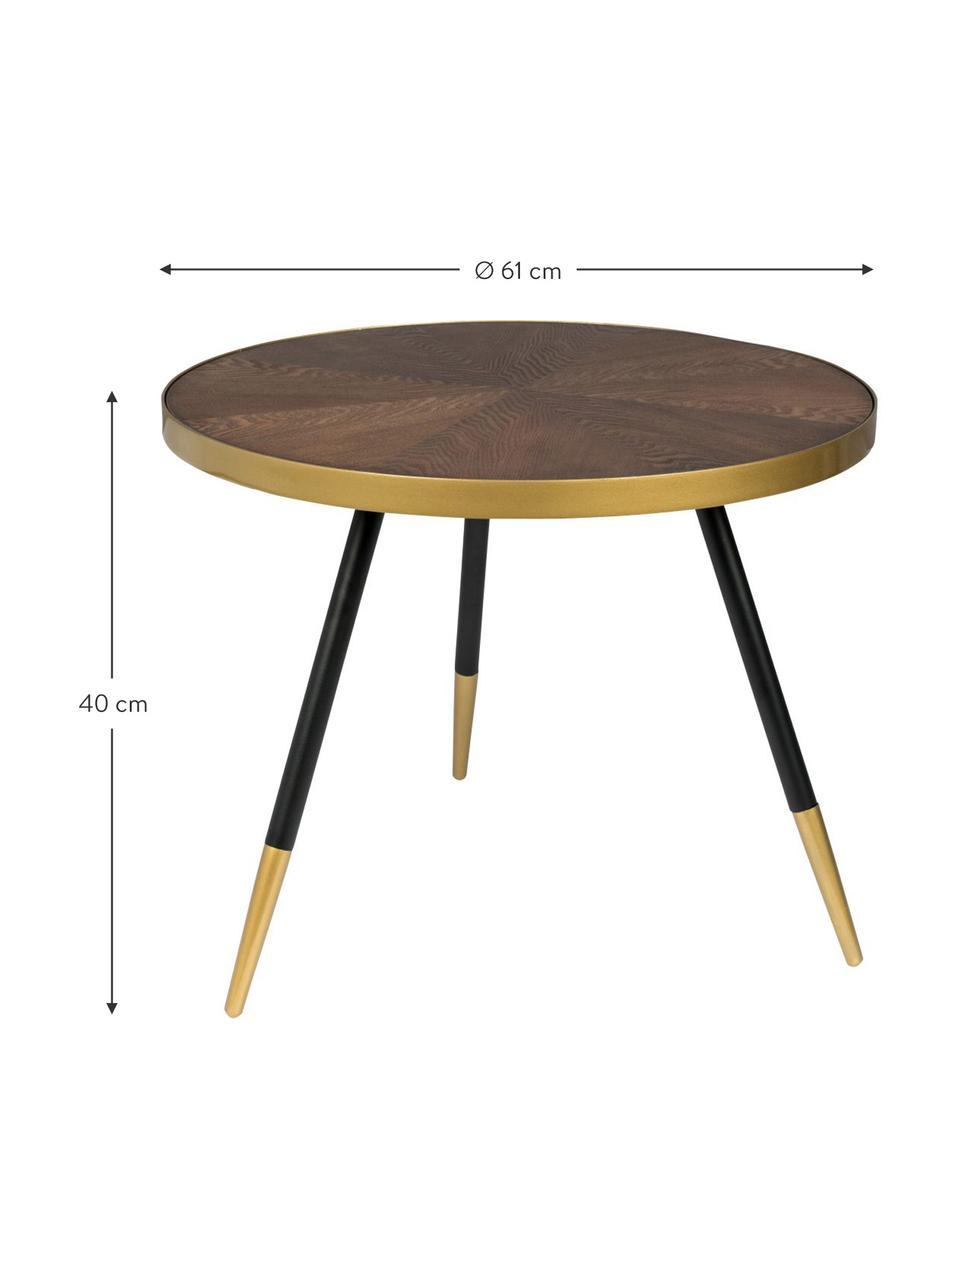 Tavolino da salotto rotondo Denise, Piano d'appoggio: pannelli di fibra a media, Legno di frassino, dorato, Ø 61 x Alt. 40 cm